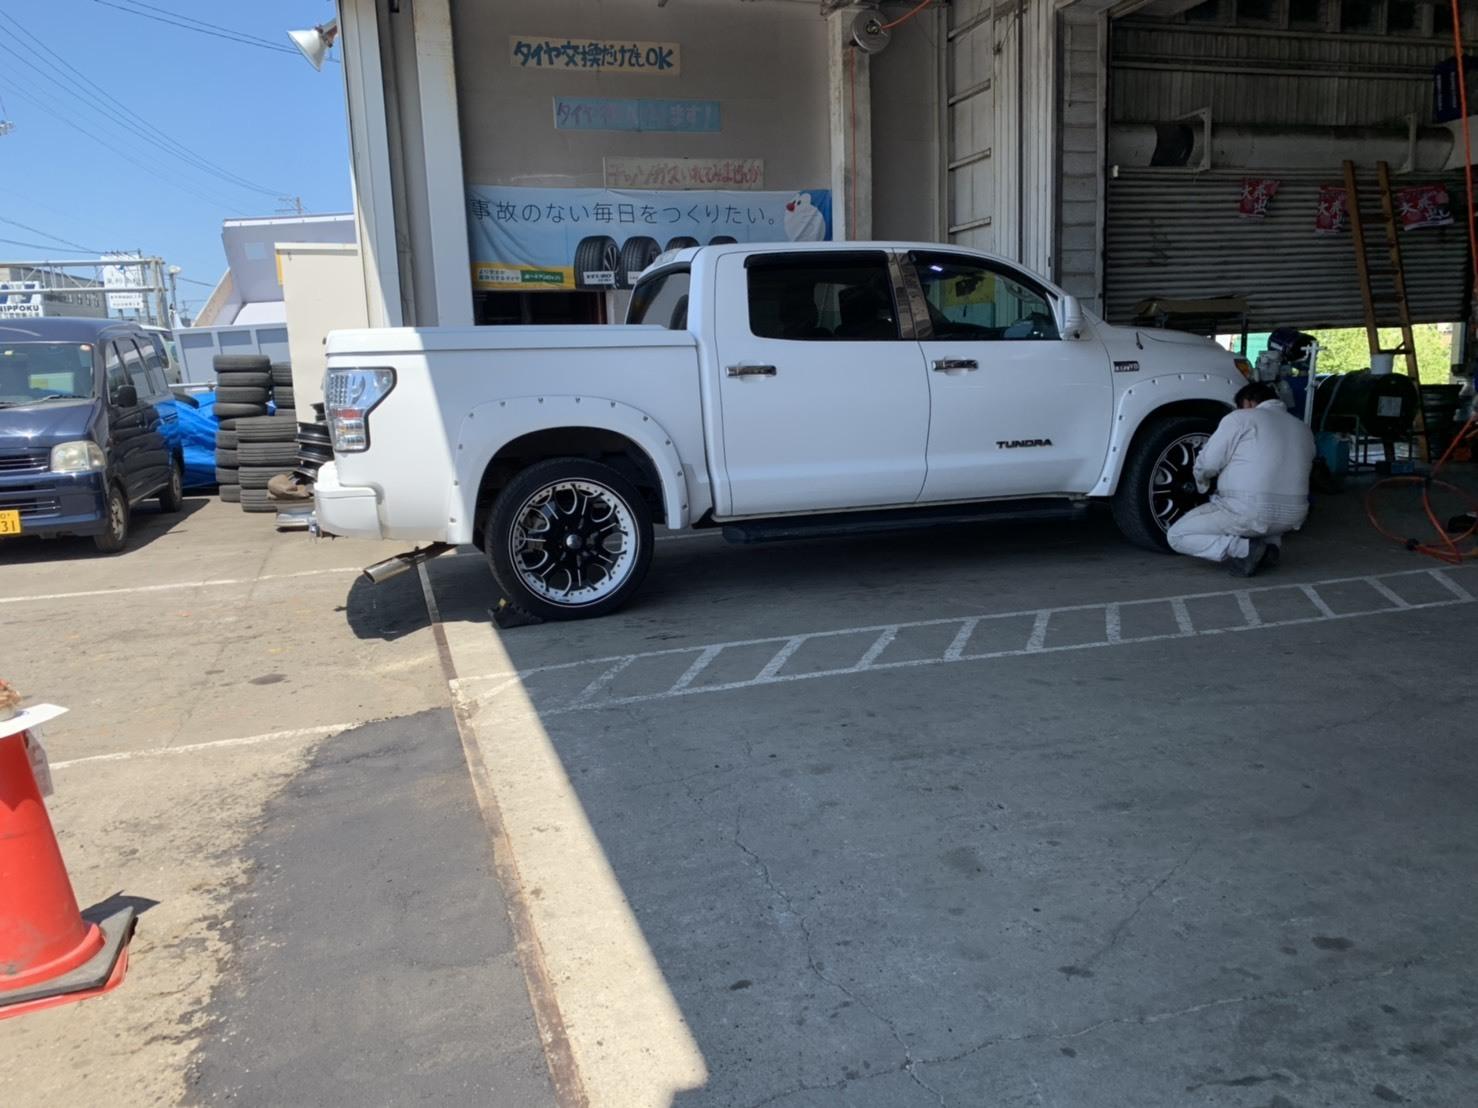 7月9日(火)本店ブログ♪ランクル200 4.6AX 4WD 21000キロです! ハマー レクサス アルファード_b0127002_19220210.jpg